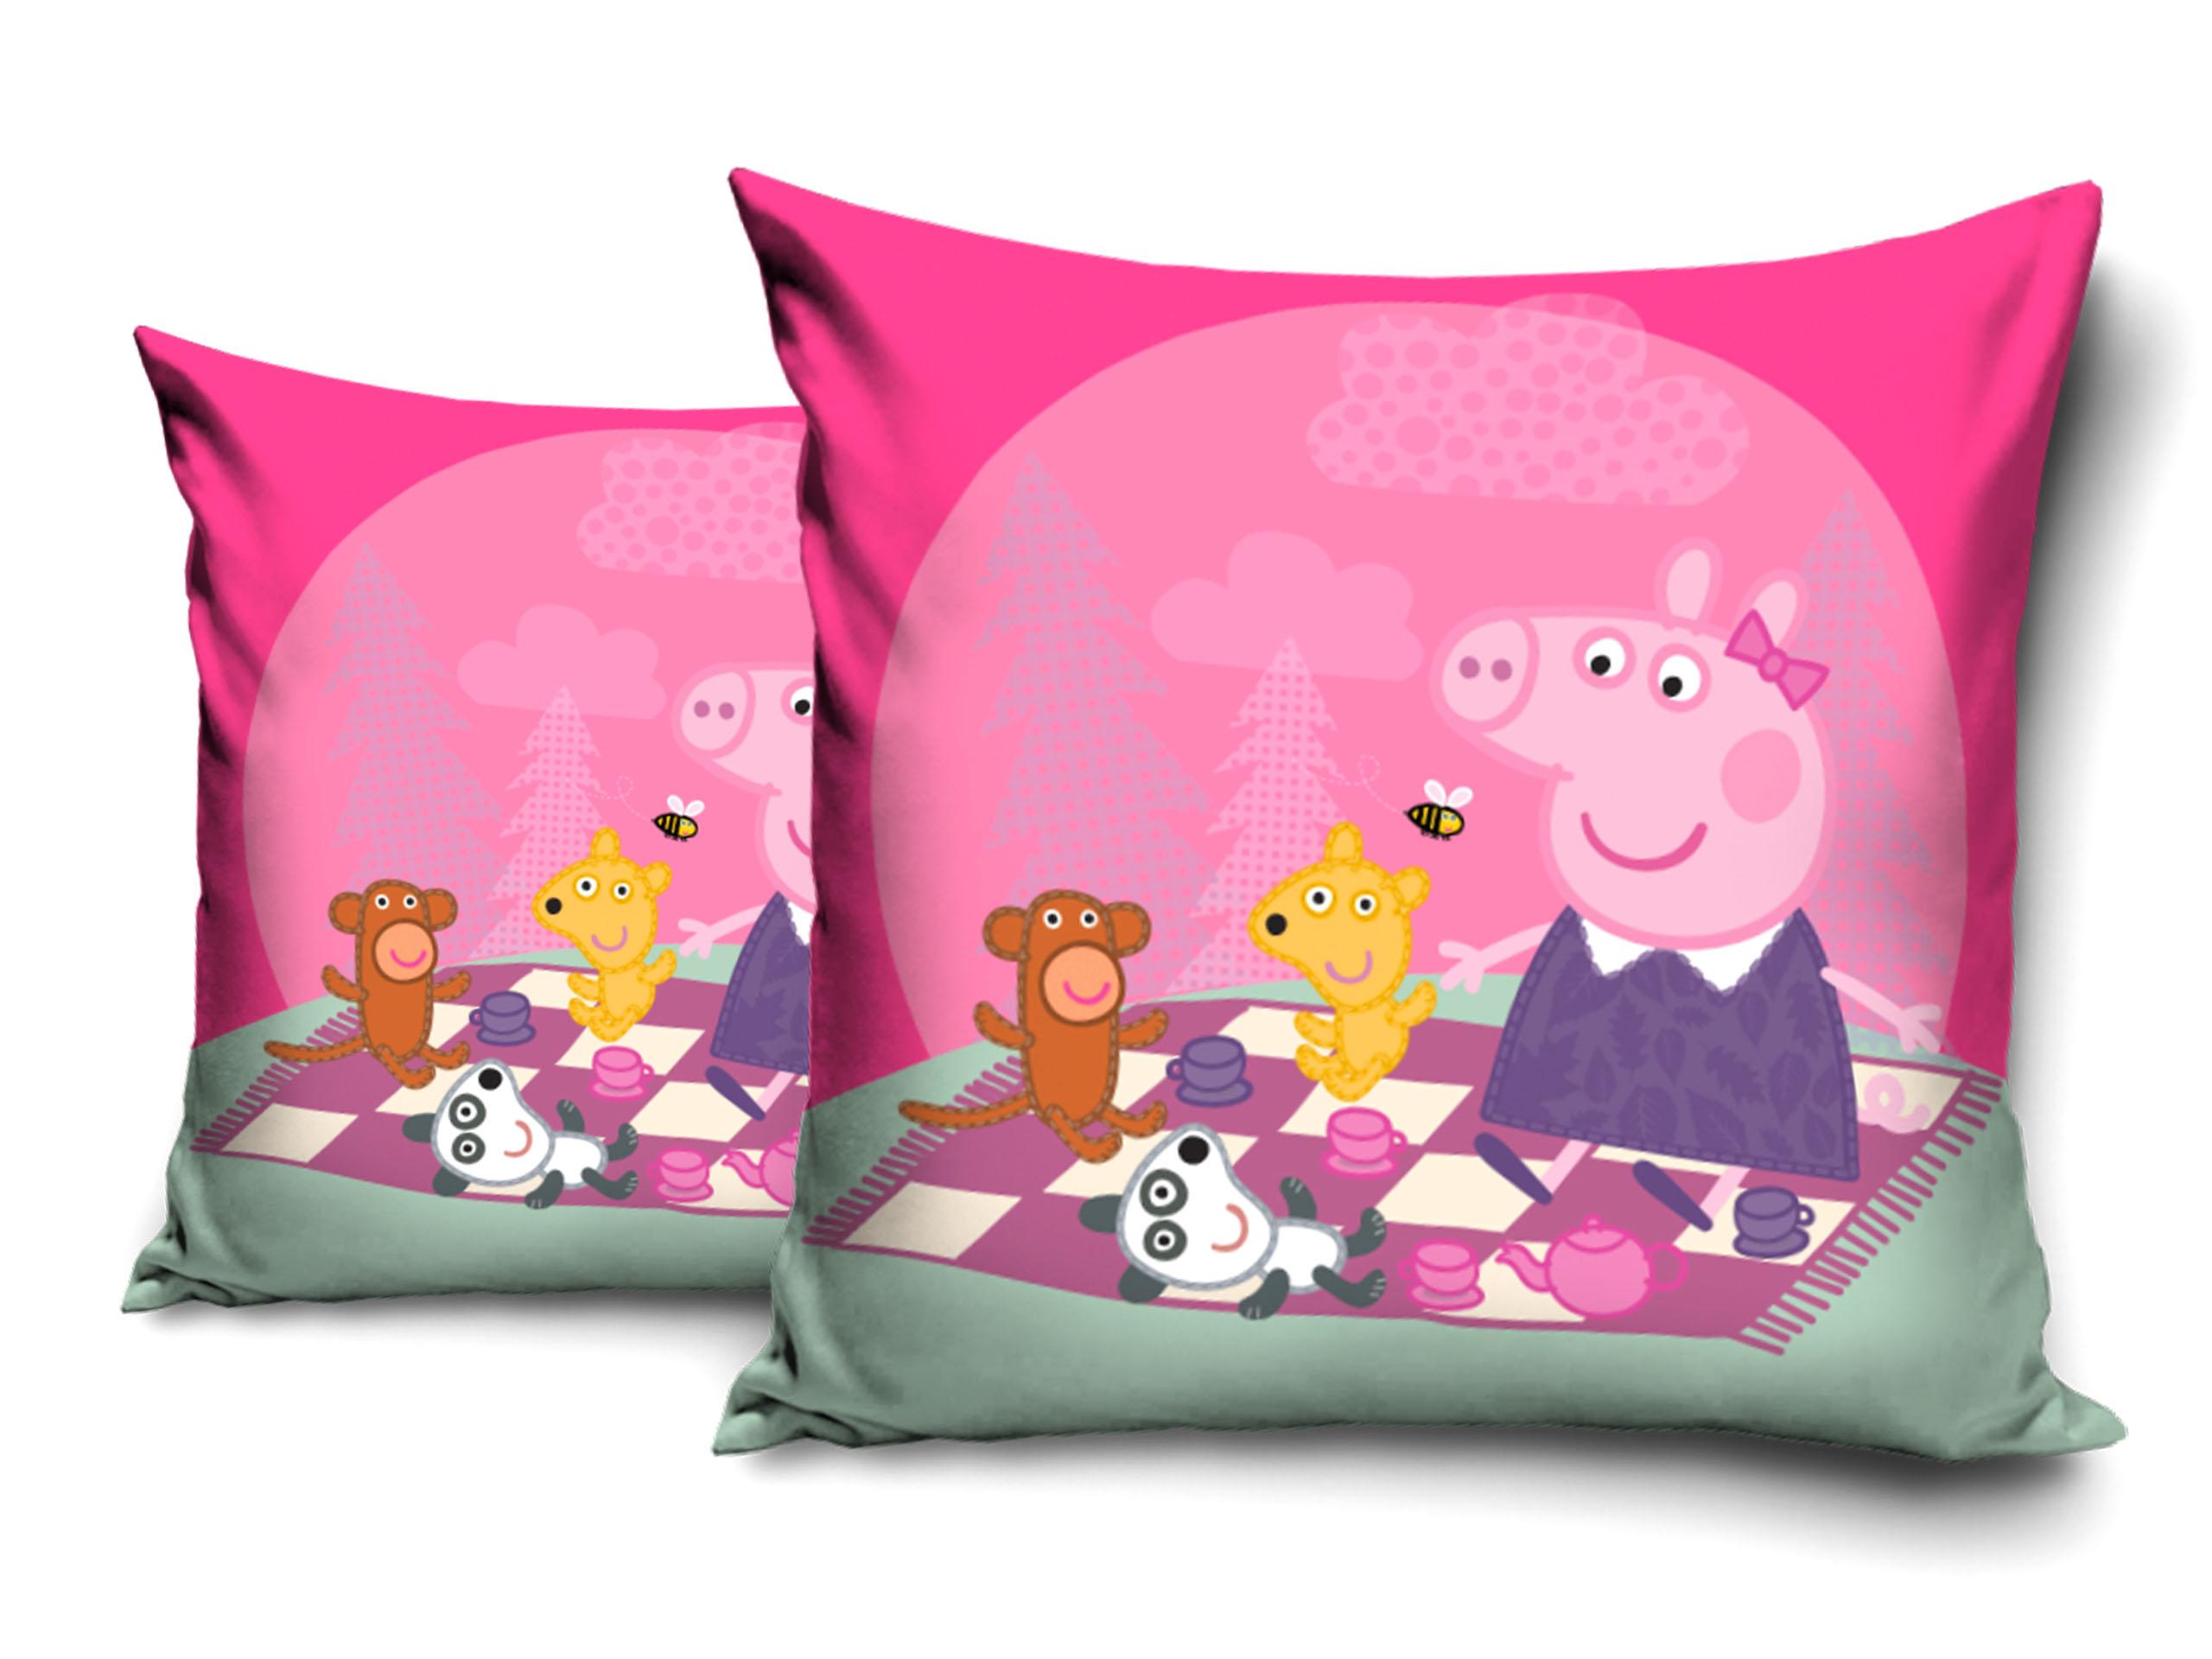 Poszewka Dla Dzieci 40x40 świnka Peppa Kocyk 7387953352